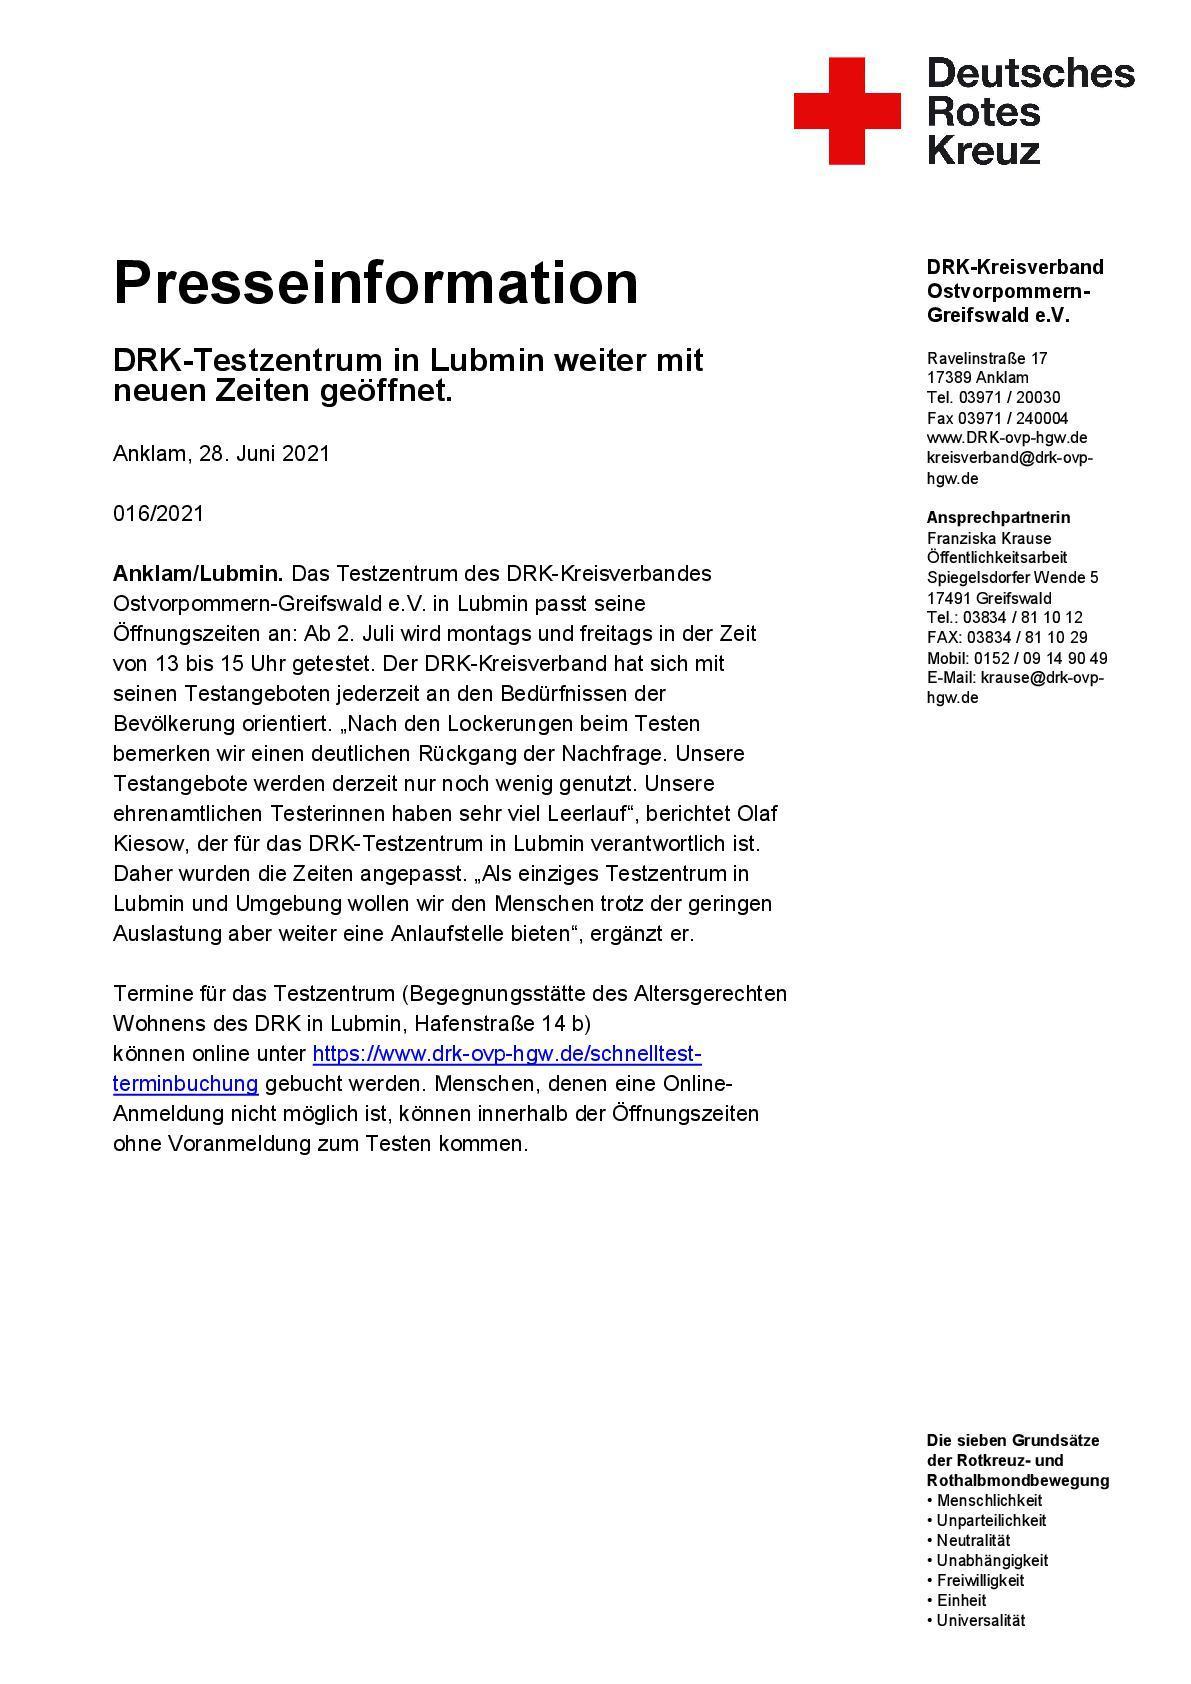 Presseinformation DRK - Testzentrum in Lubmin weiter mit neuen Zeiten geöffnet